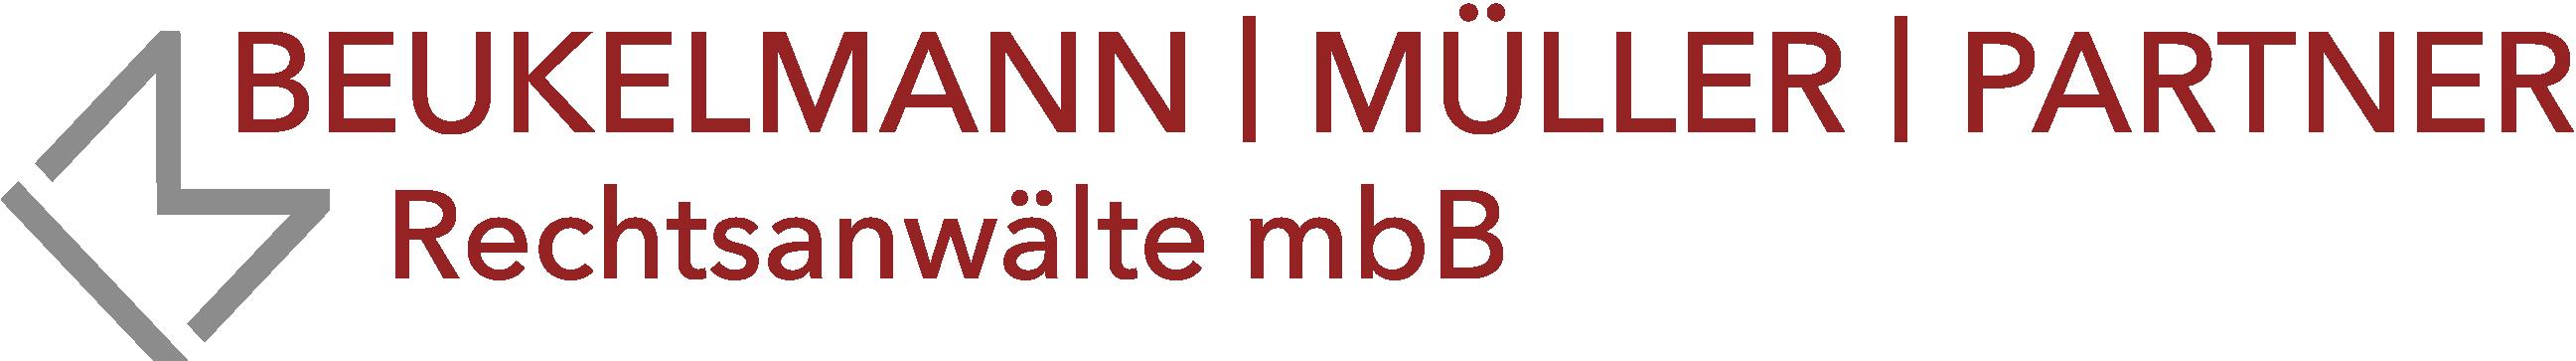 Logo_Beukelmann - Müller - Partner - Rechtsanwälte in München